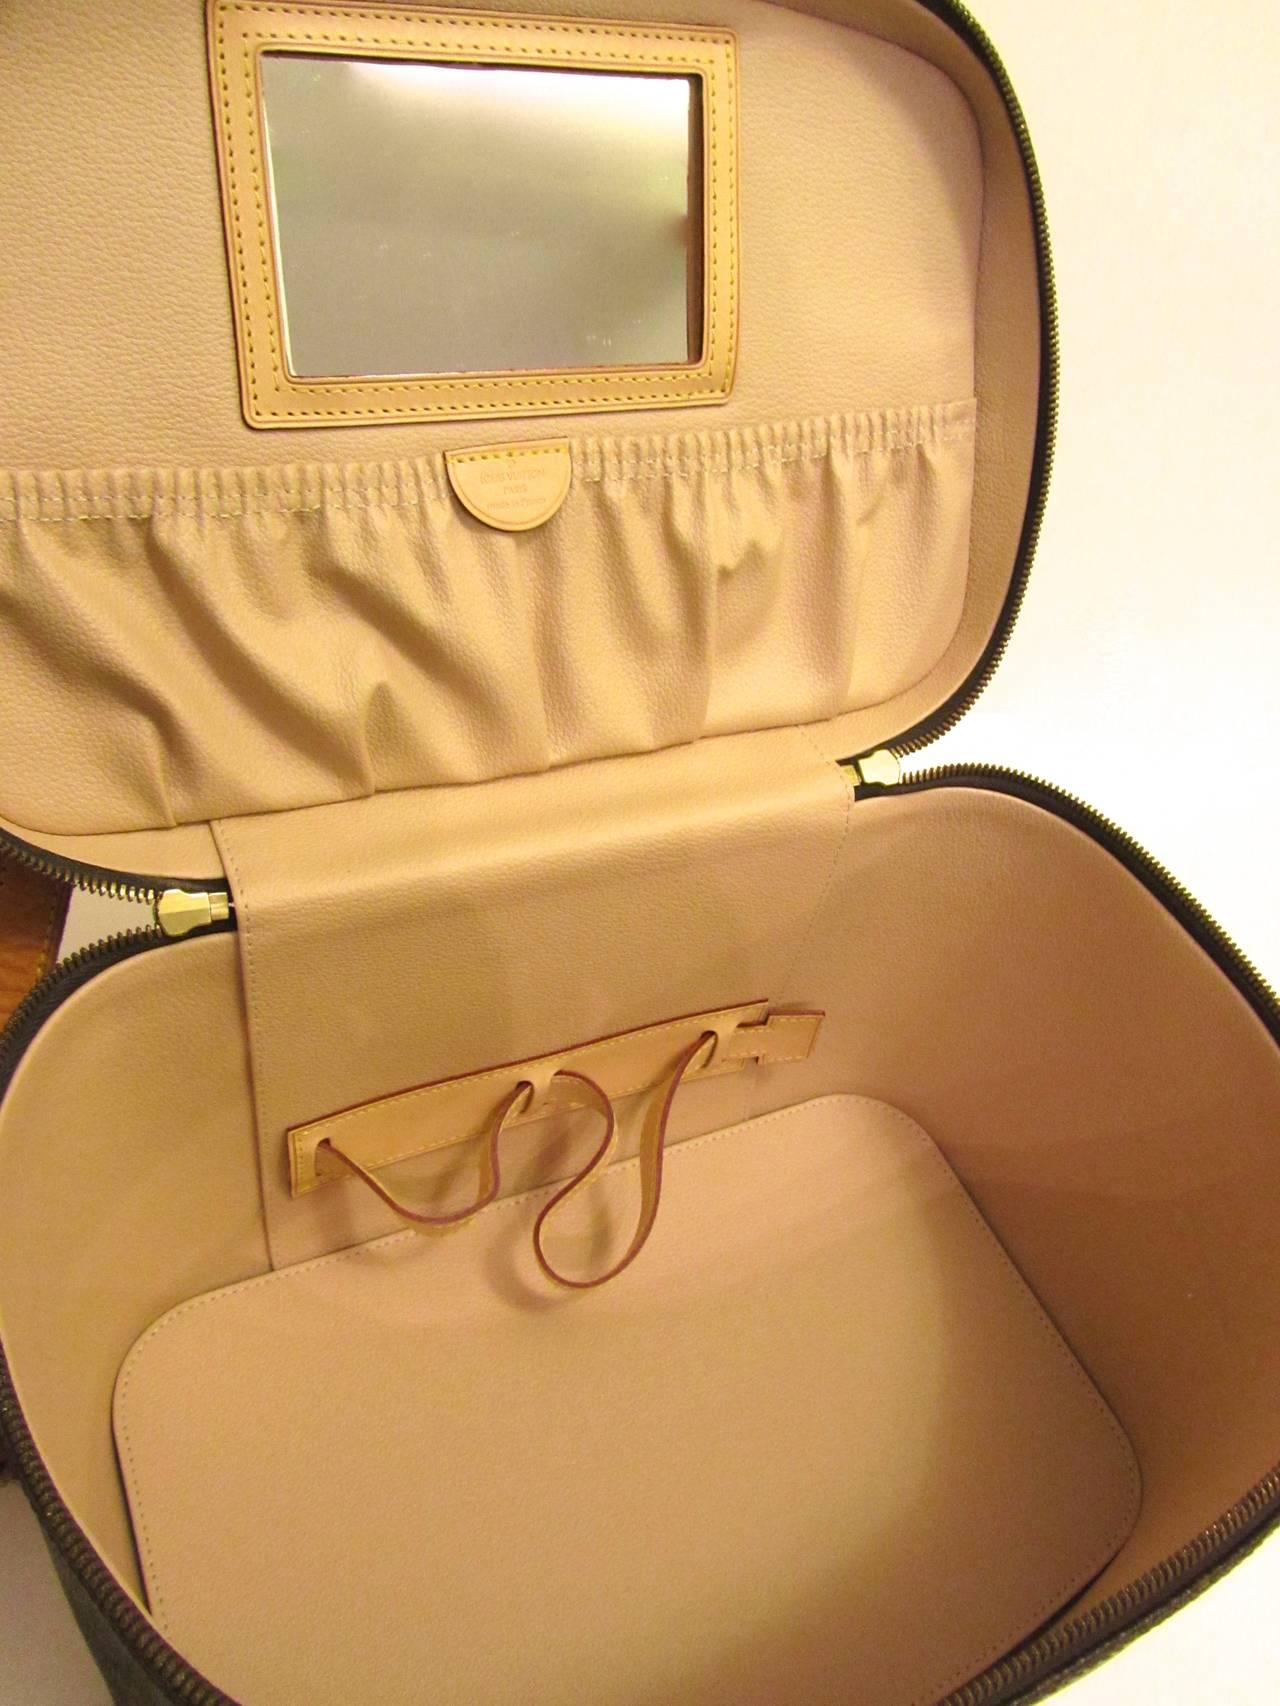 Louis Vuitton Train Case / Traveling Makeup Bag 4